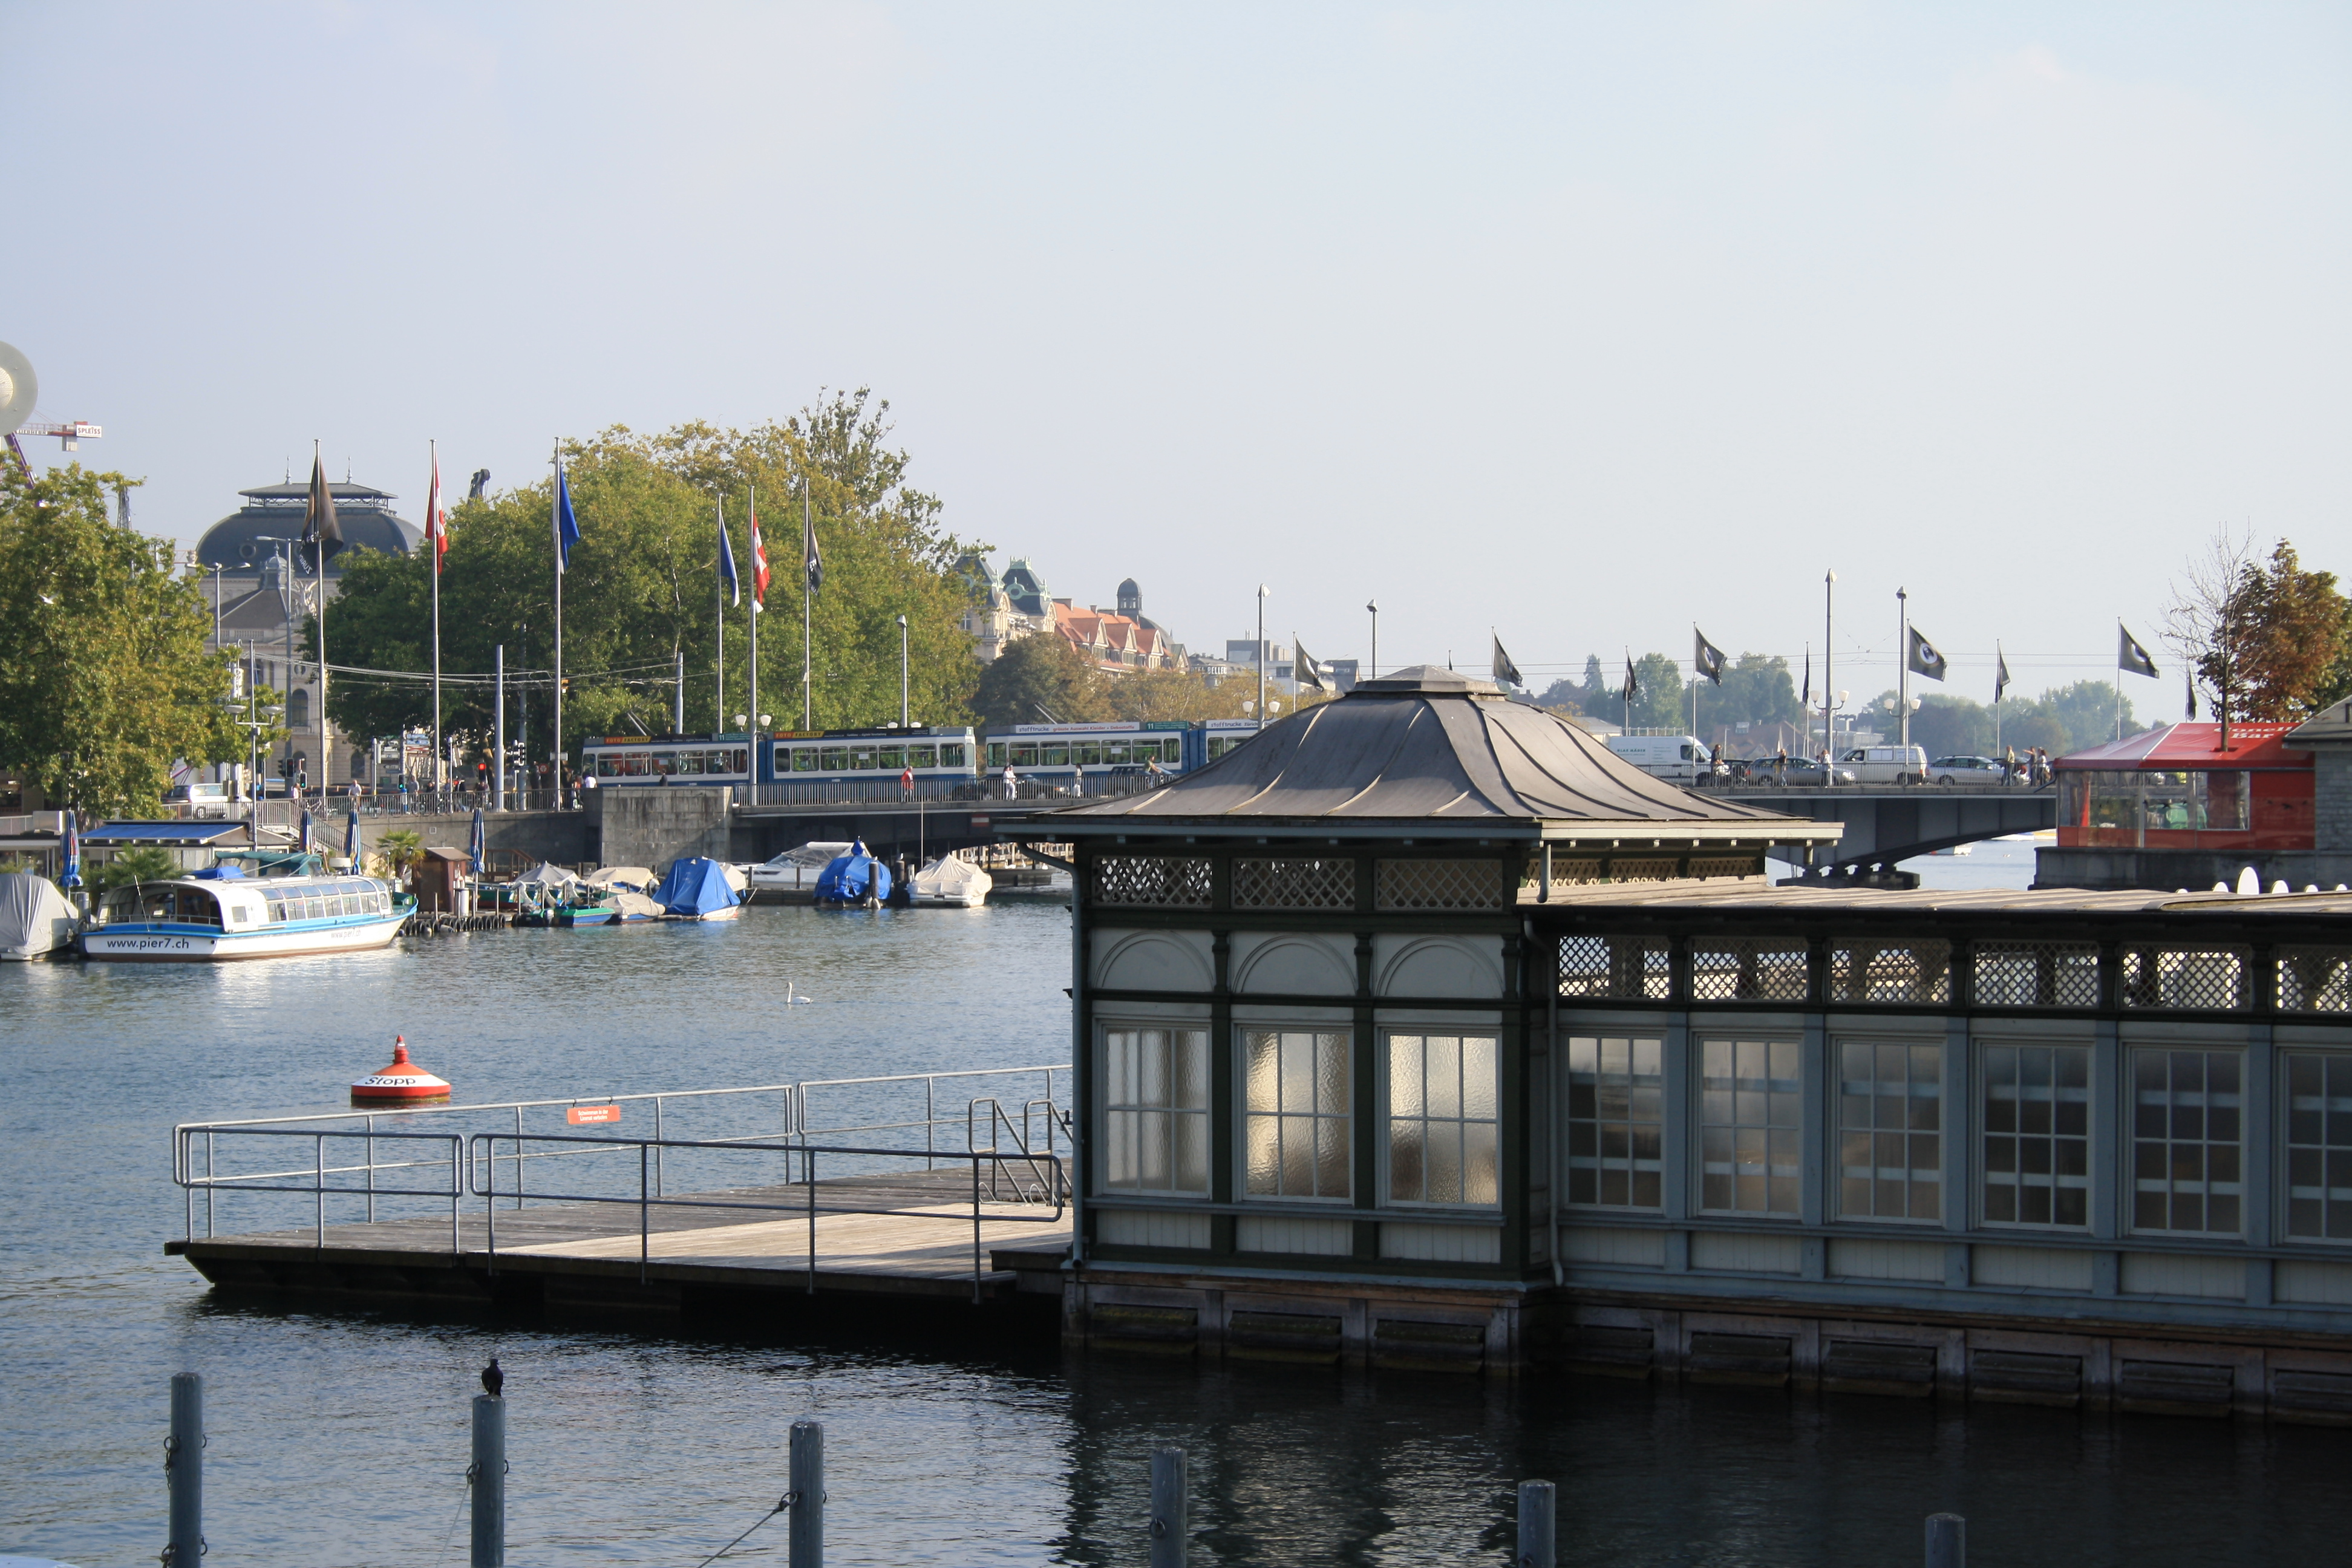 Resultado de imagen de swimmbad quai zürich